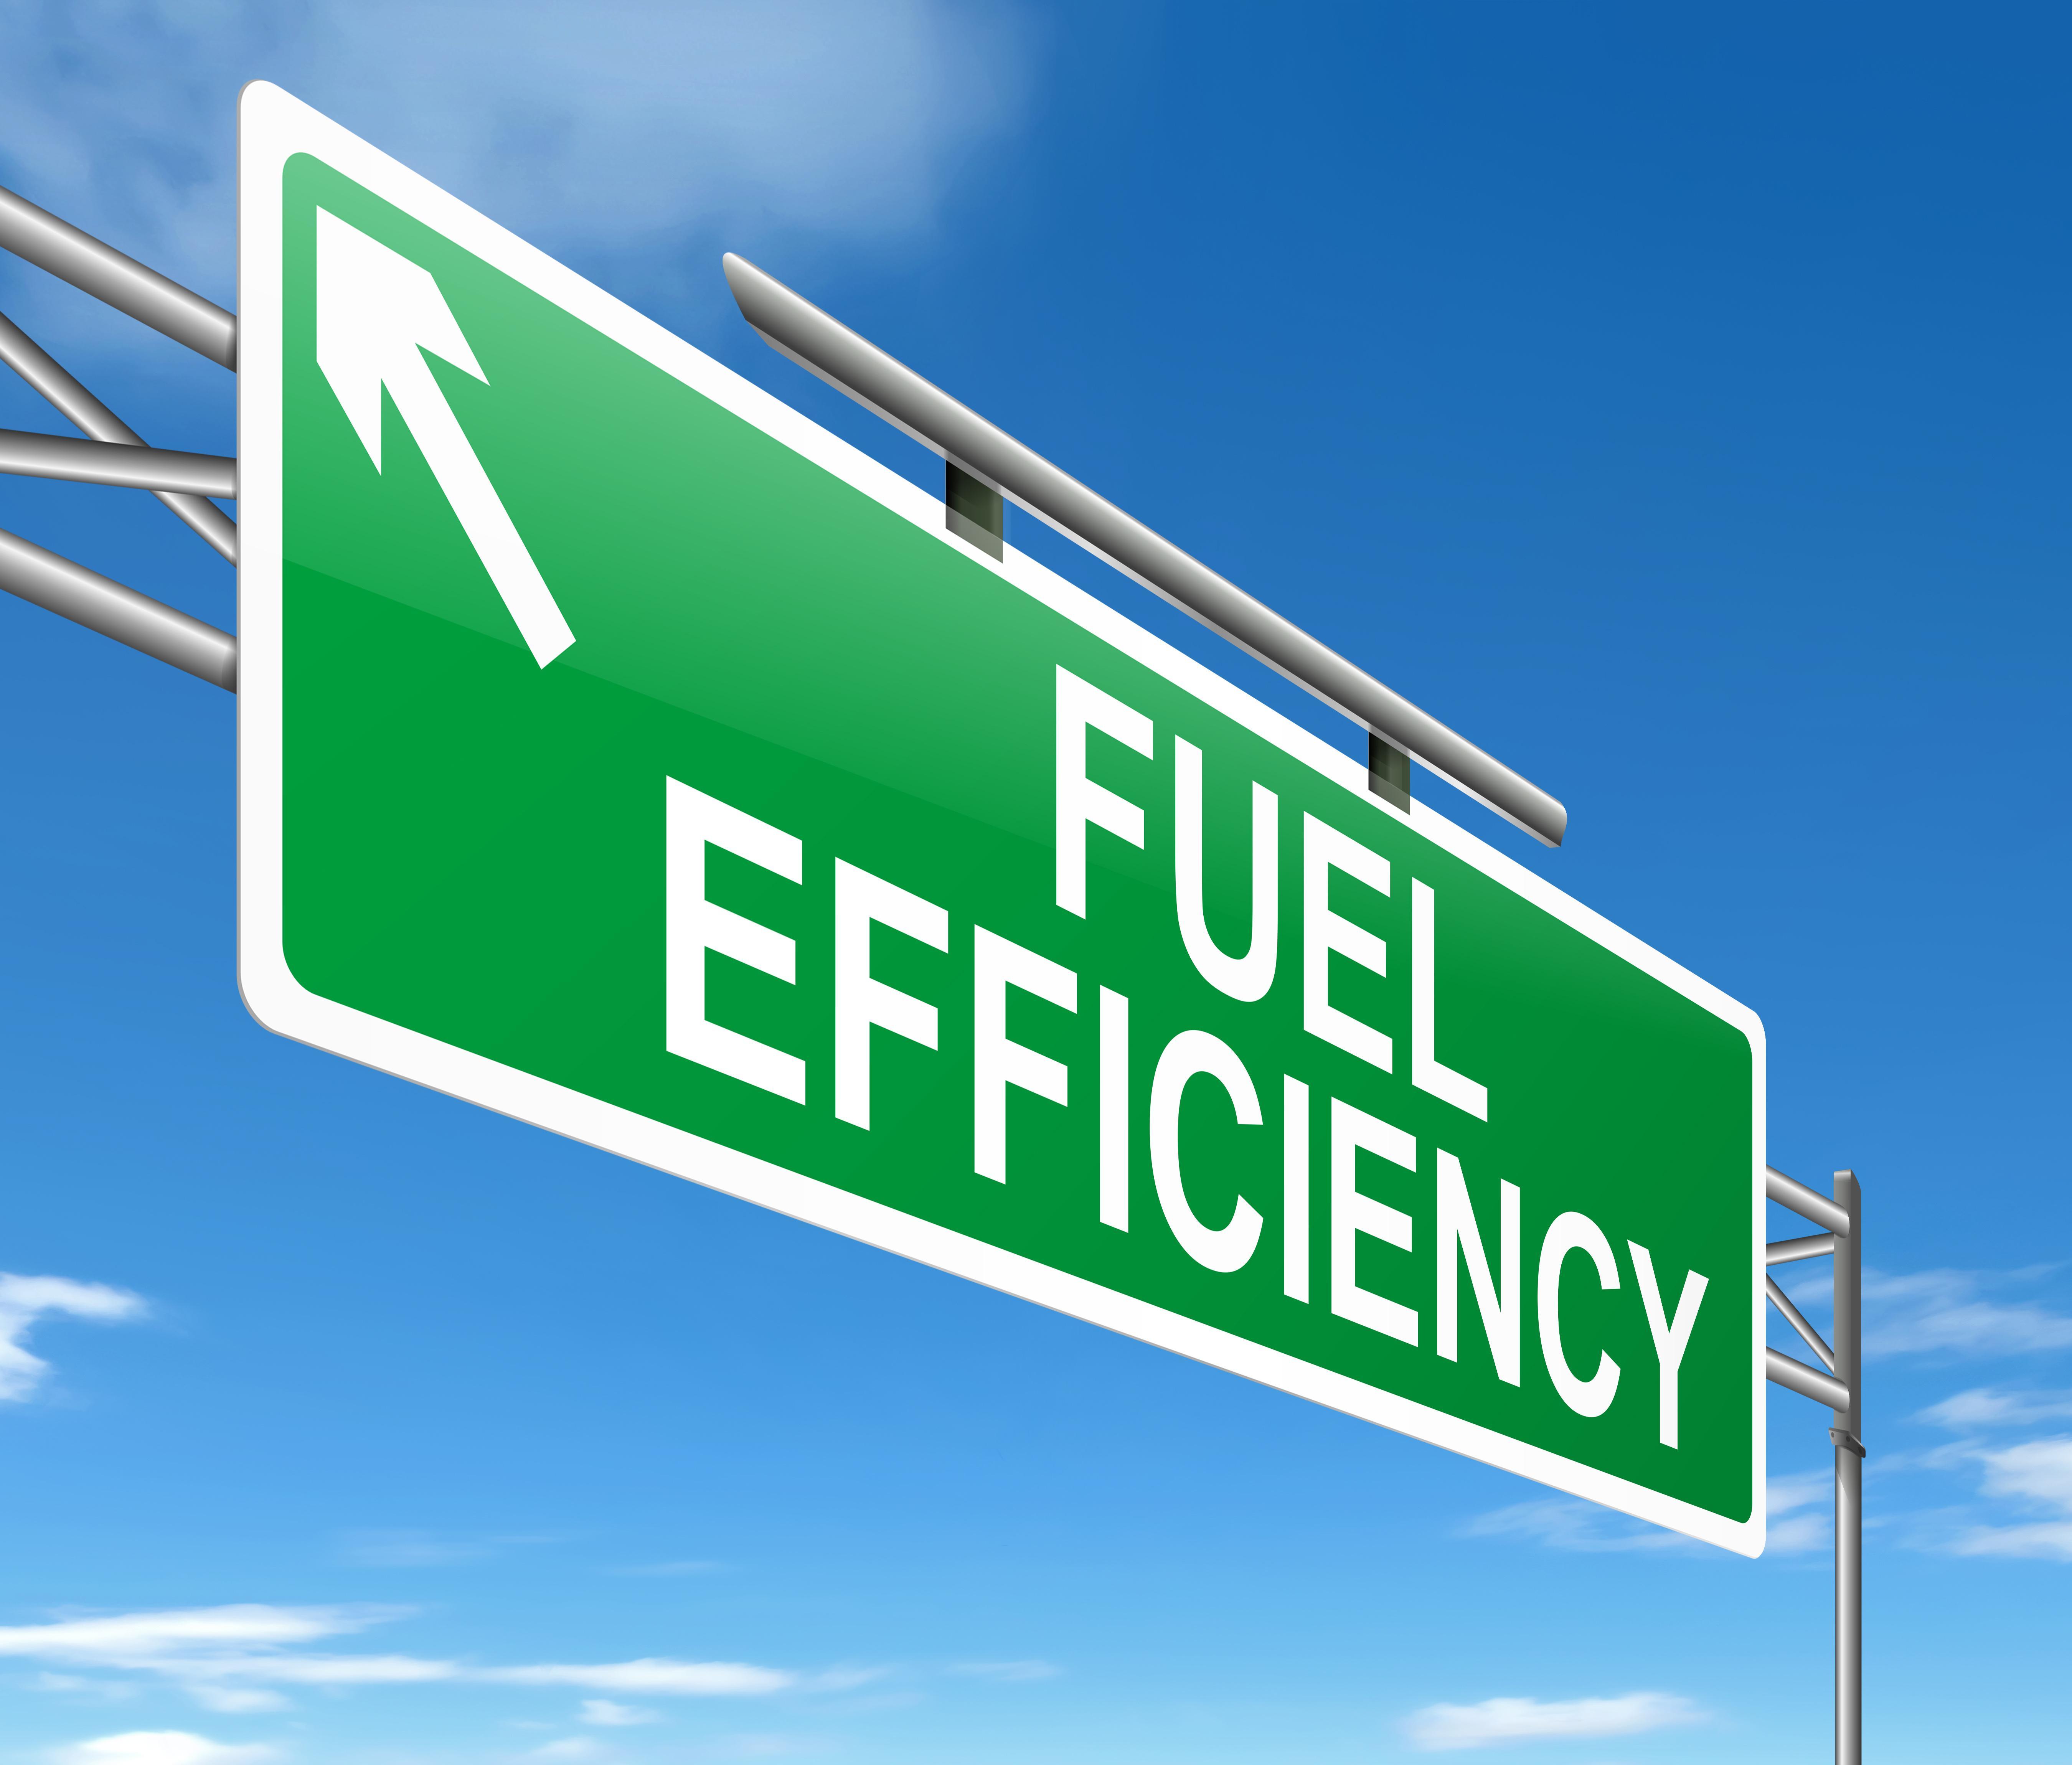 专家:美回调燃油效率风险大 车企应坚持高标准